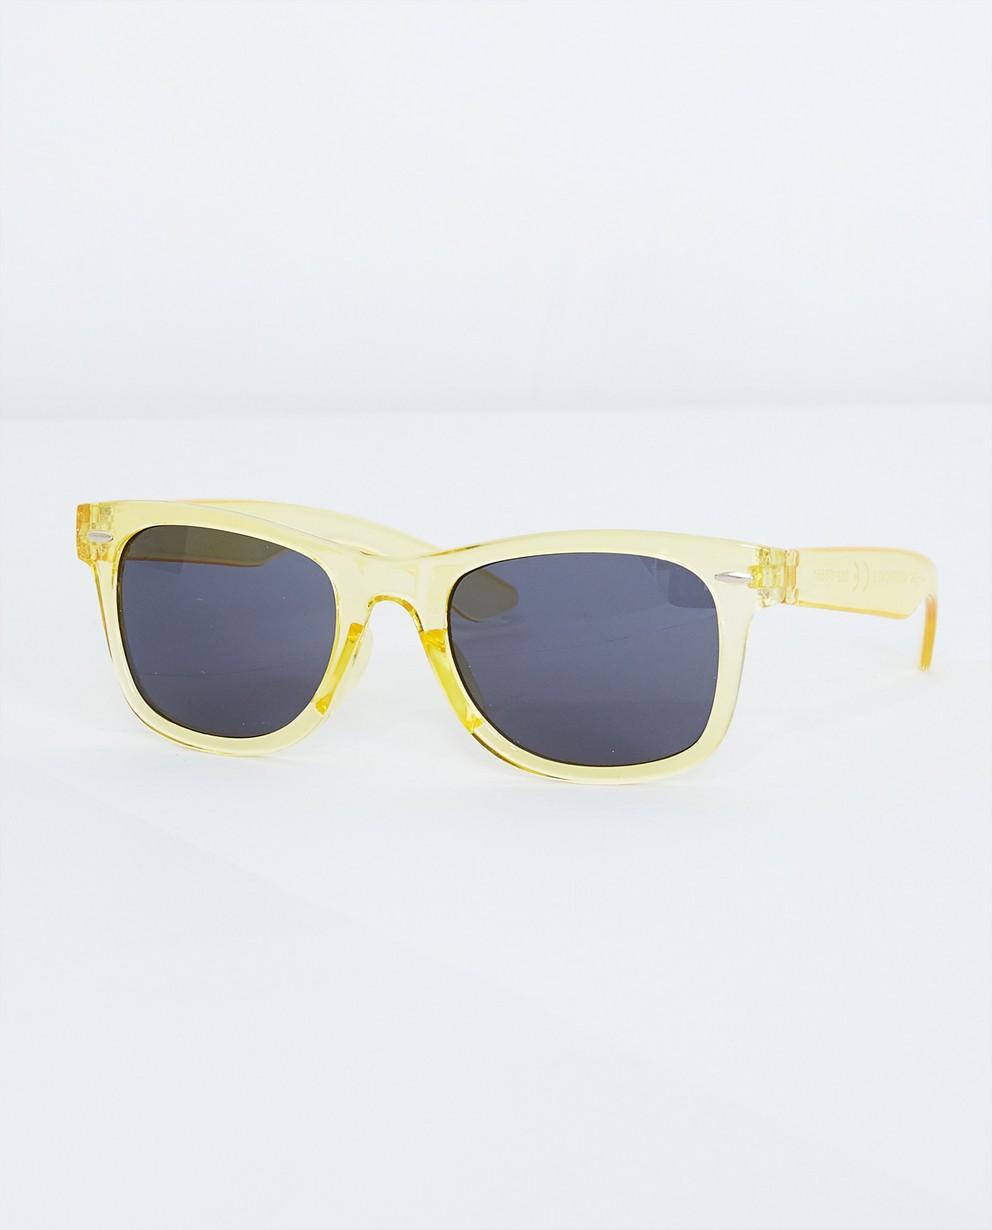 Lunettes de soleil jaune JBC   JBC Belgique 5dab3e71fc55